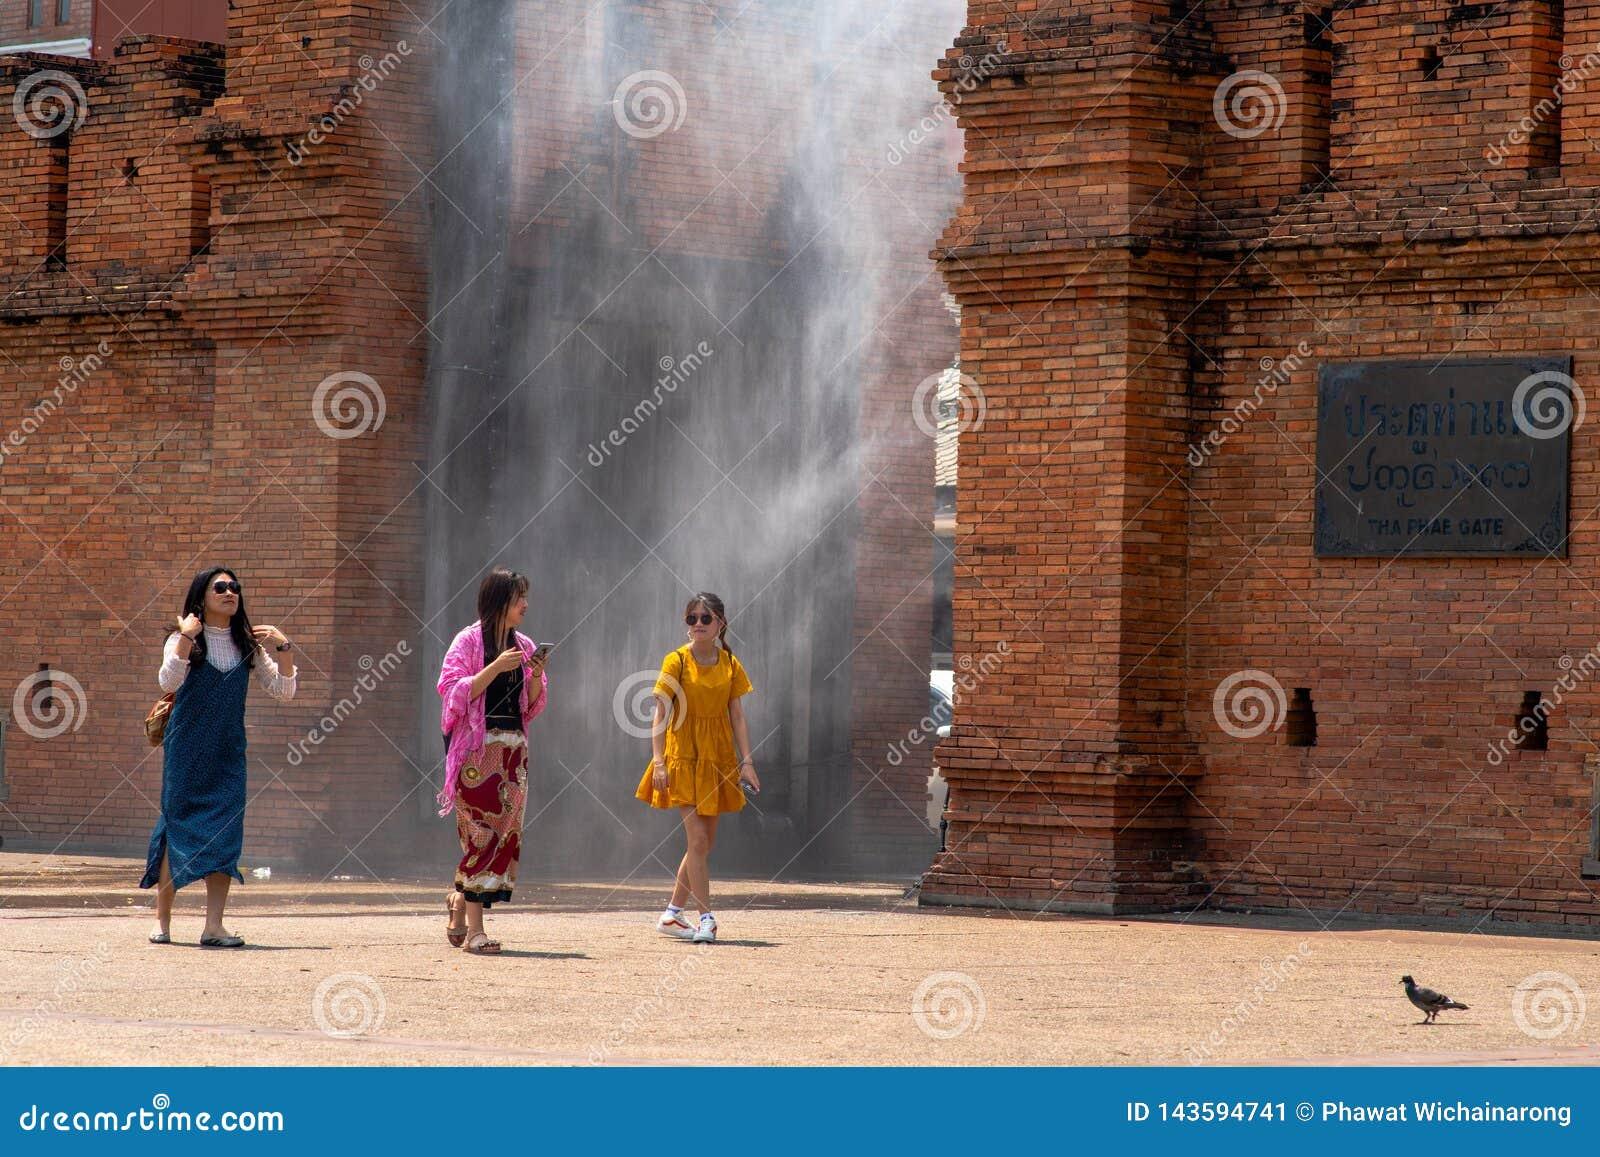 Tres mujeres jovenes con ropa colorida están caminando por el espray de agua instalado en la puerta de Thapae